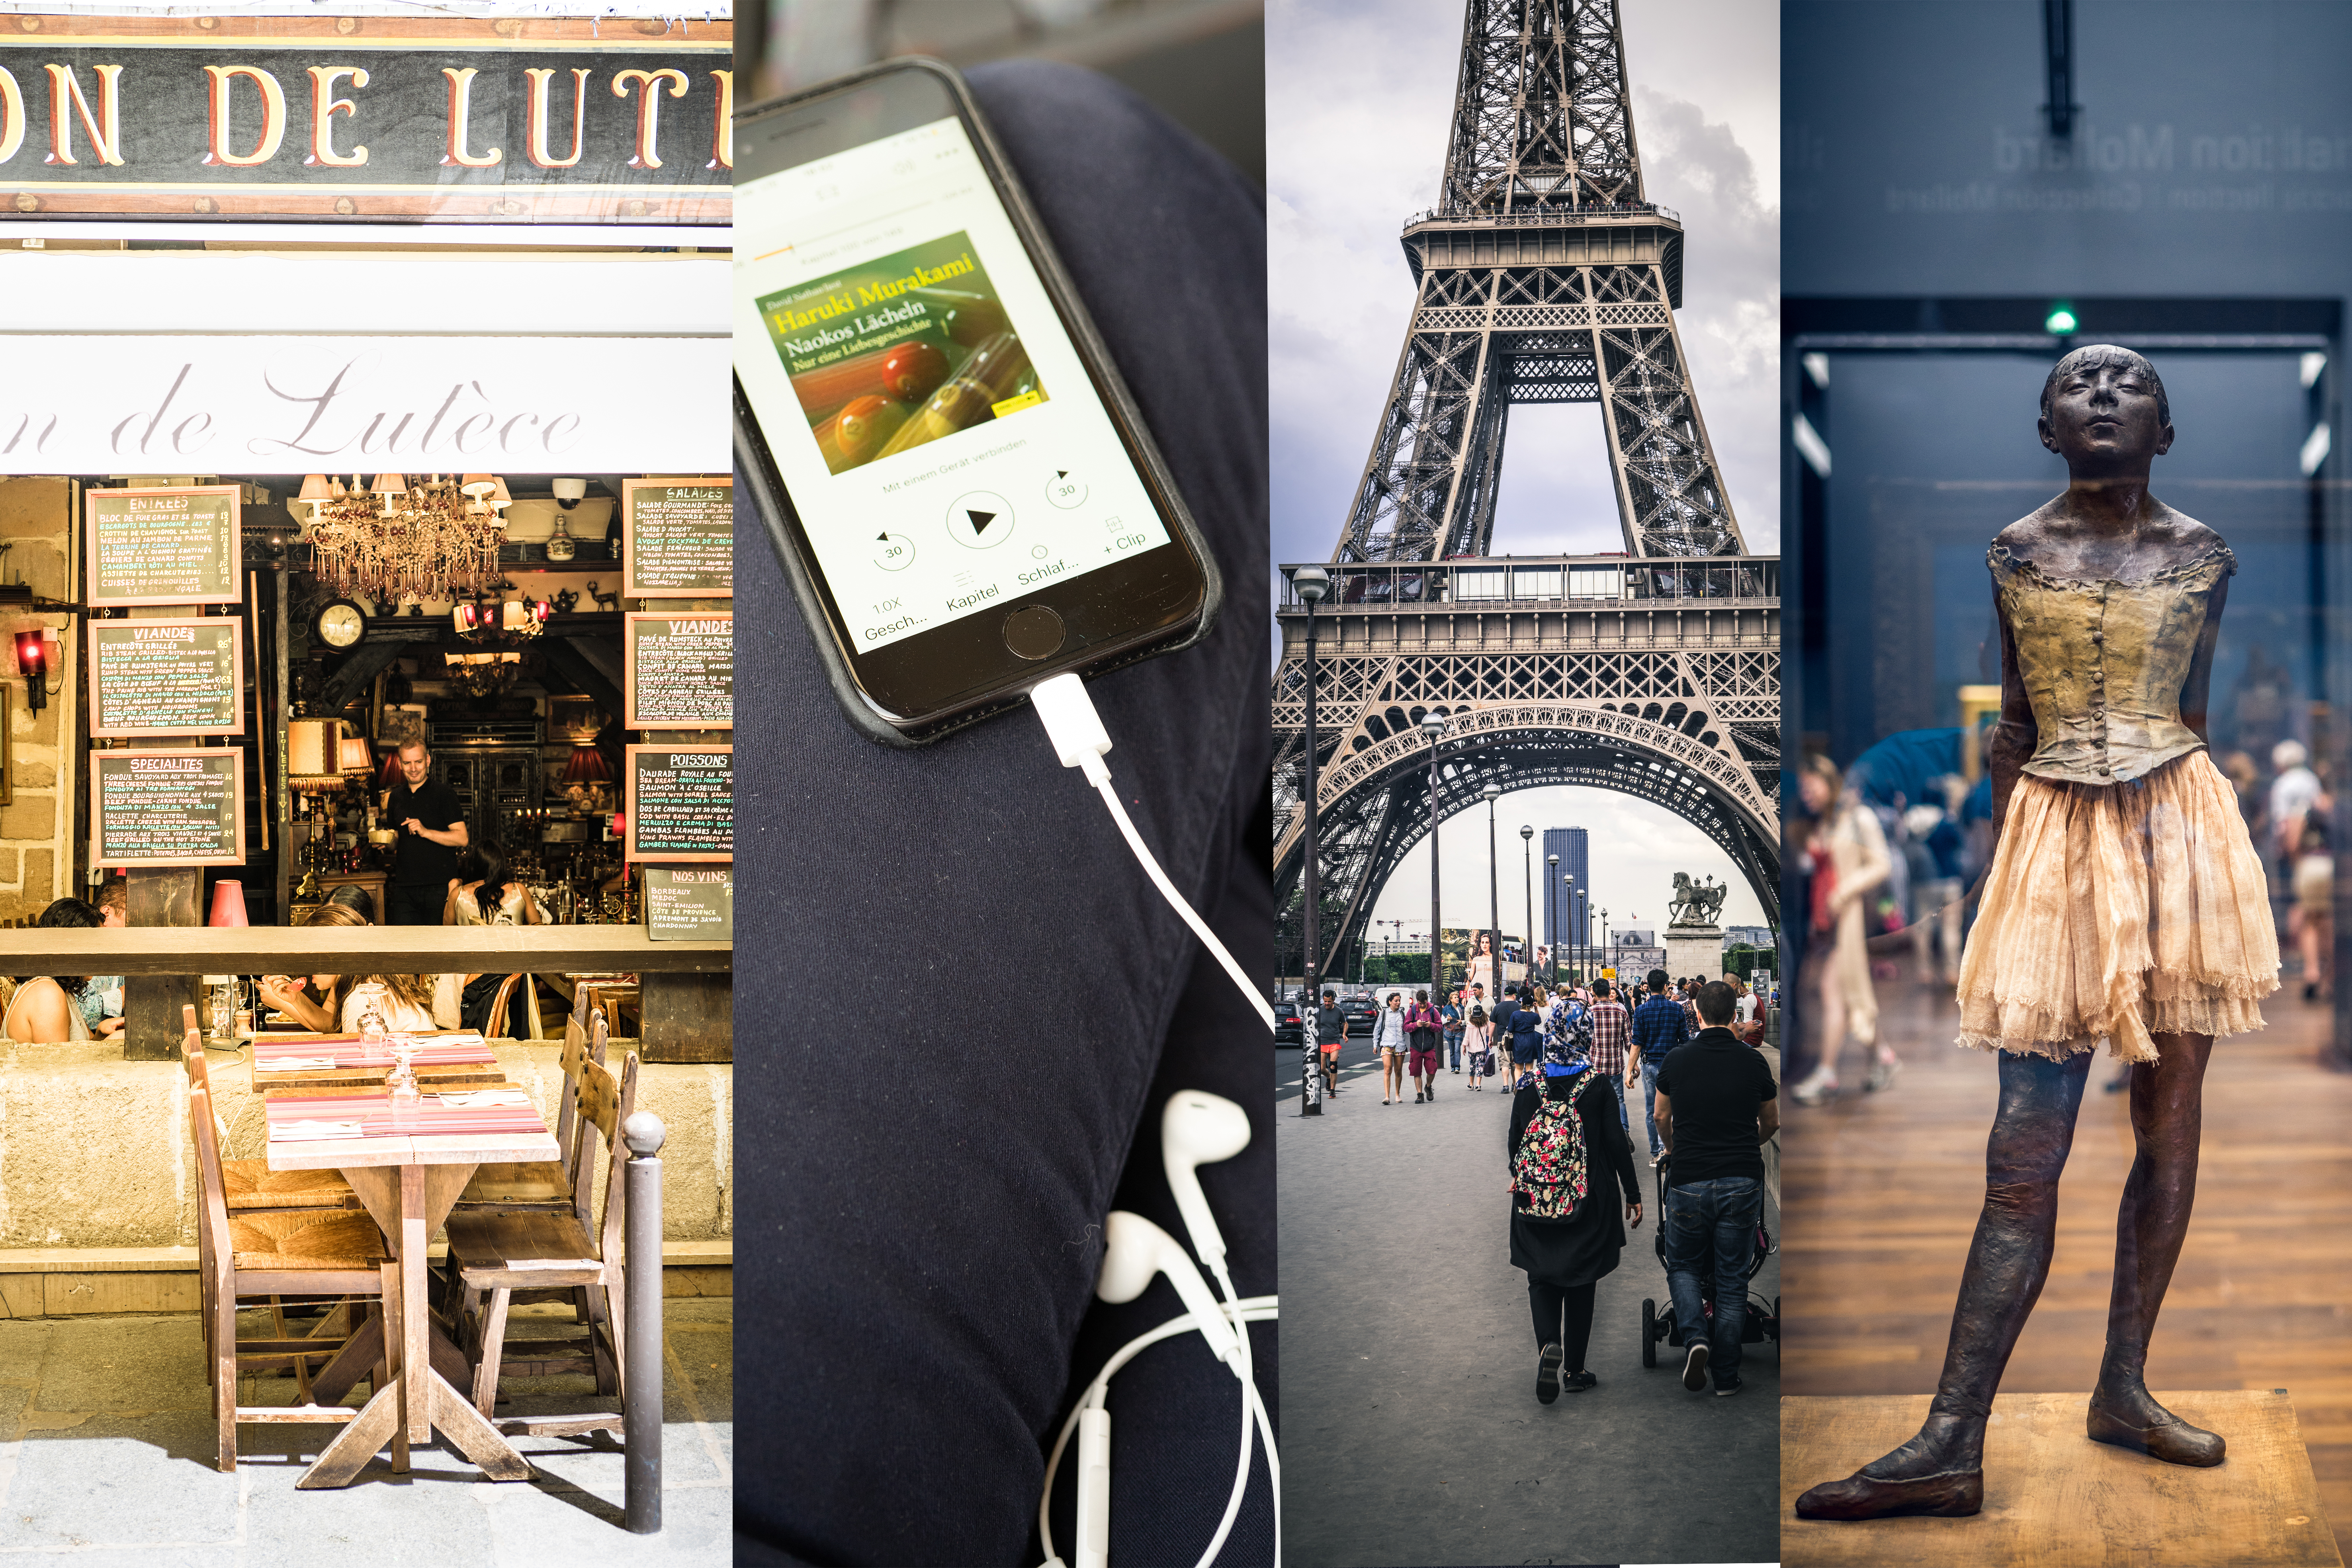 Mit Audible Auf Dem Weg Nach Paris